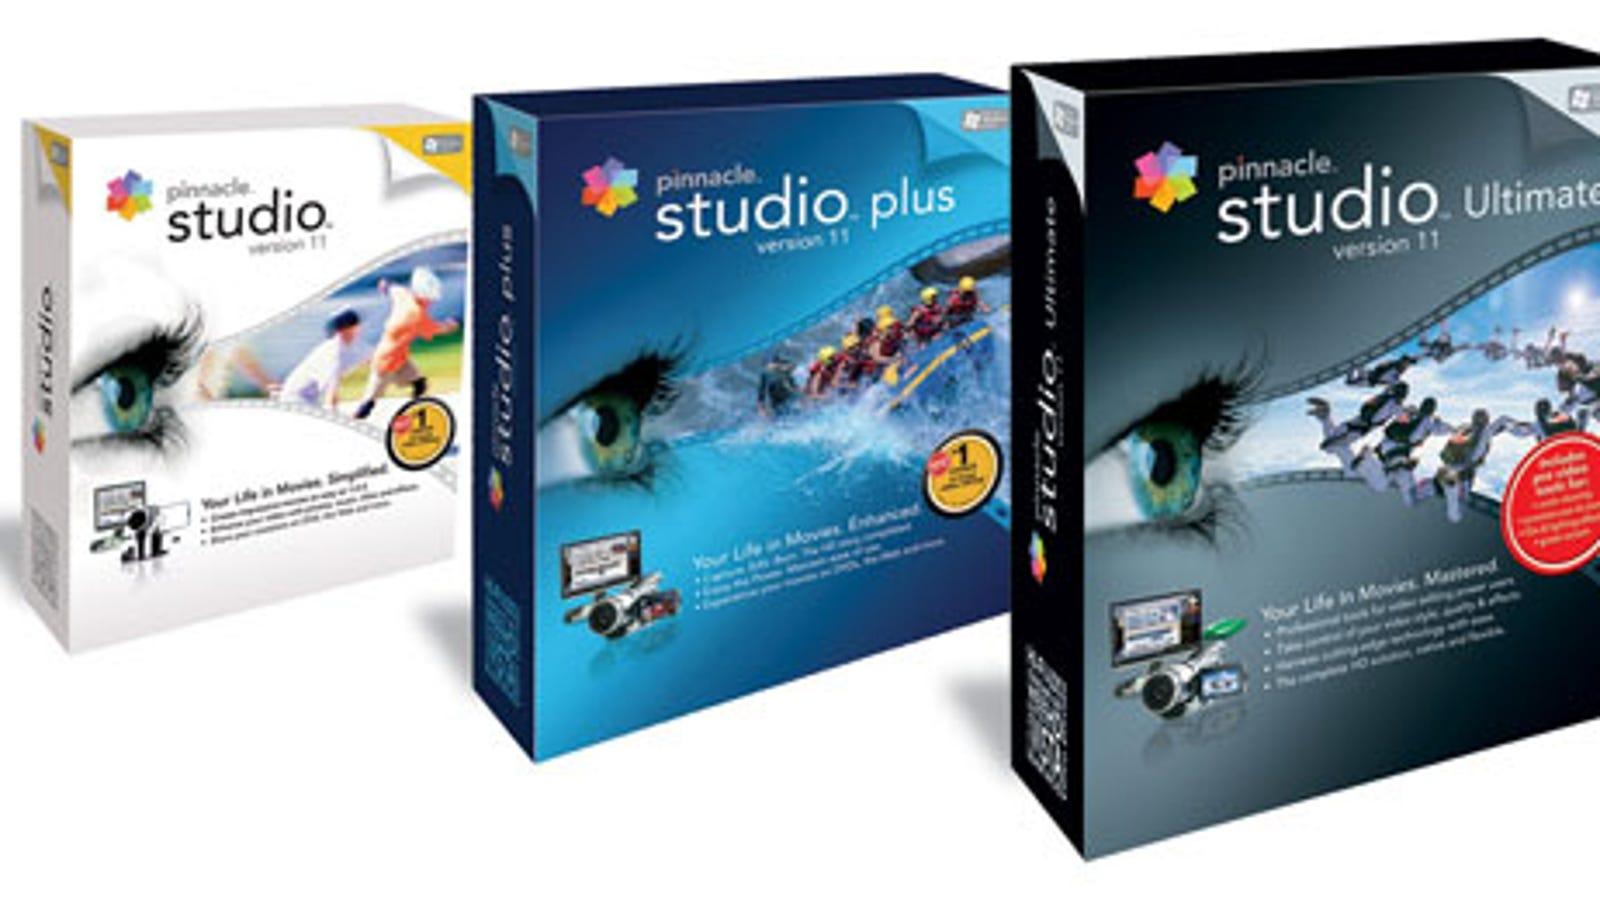 pinnacle studio 12 user manual